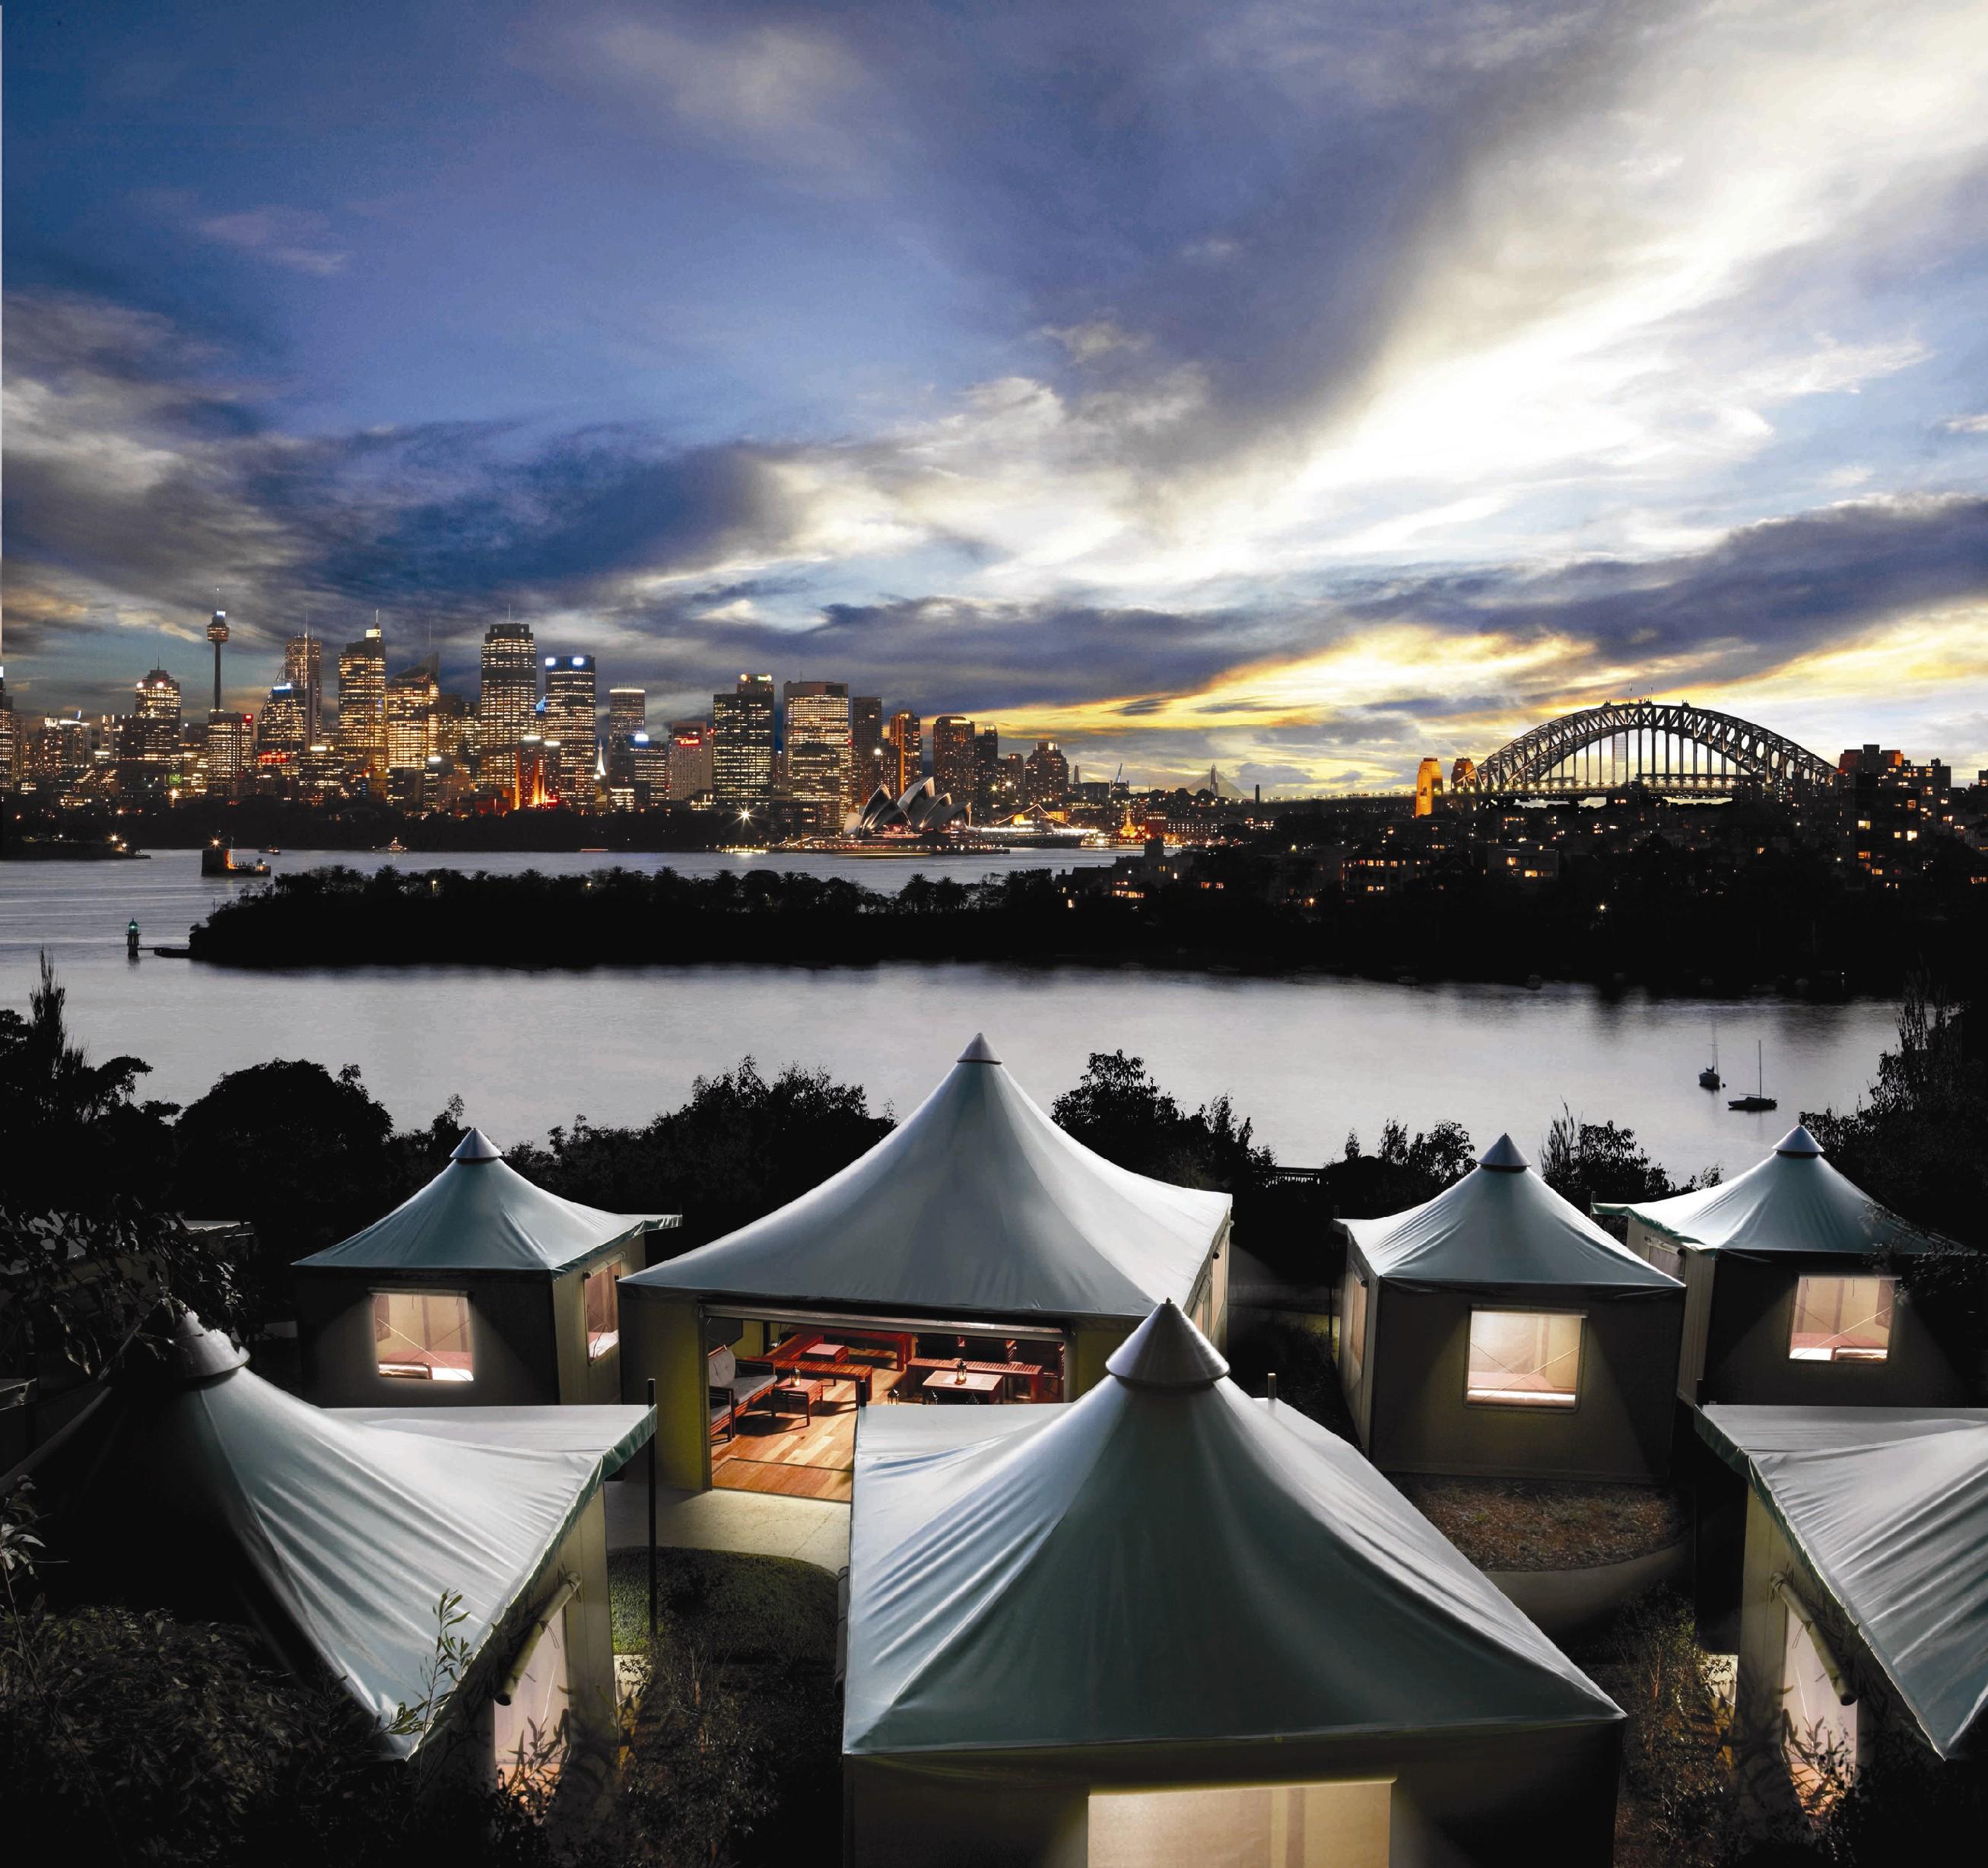 V živalskemu vrtu Taronga Zoo v Sydneyu, ki gleda na pristanišče, so na nabrežje postavili luksuzne safari šotore.